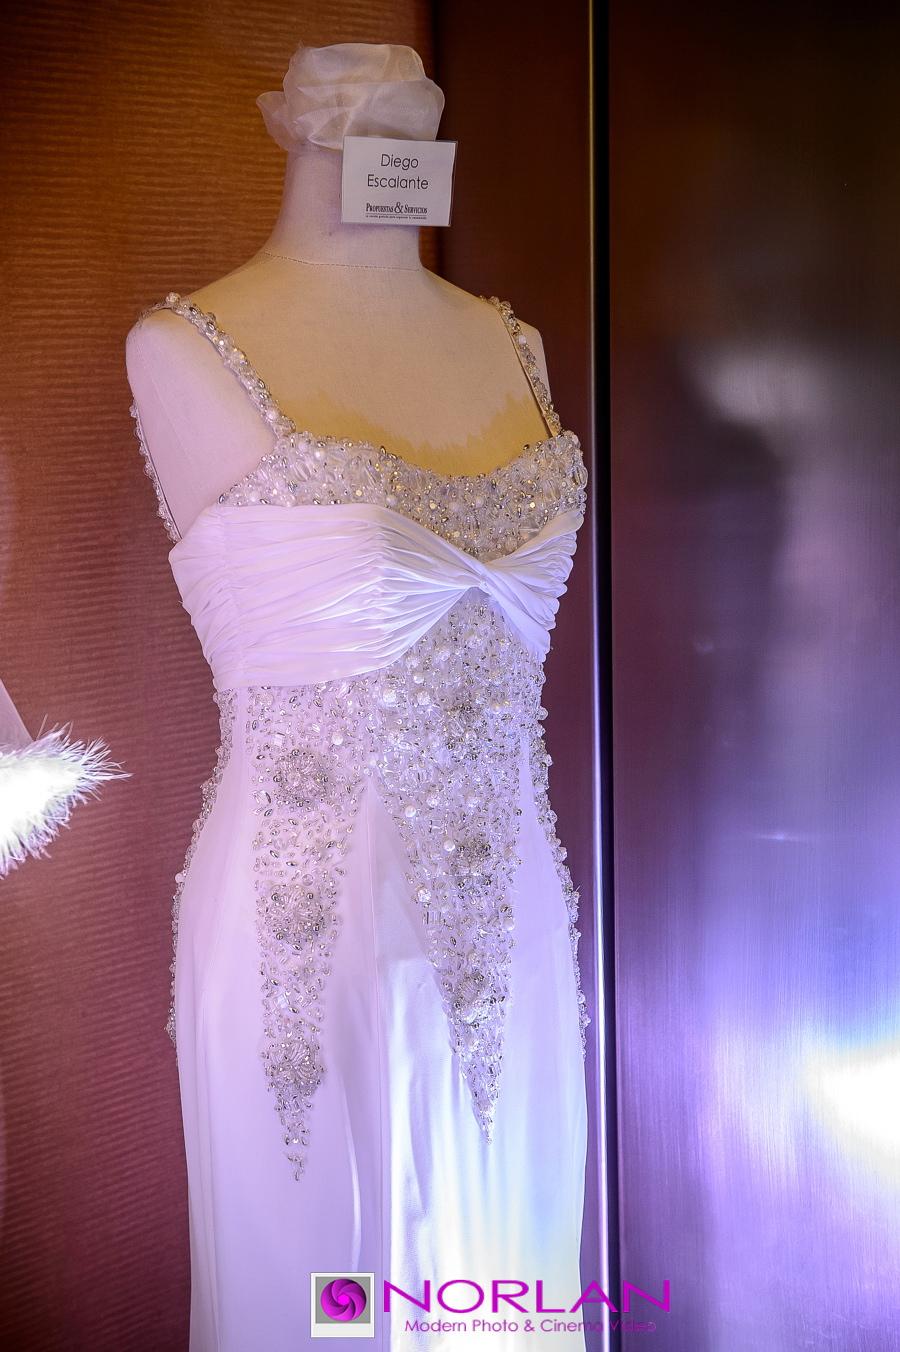 0021 -fotos norlanestudio-modern photo-fotos en buenos aires- fotos de novias en buenos aires-fotos de vestidos de novias en buenos aires